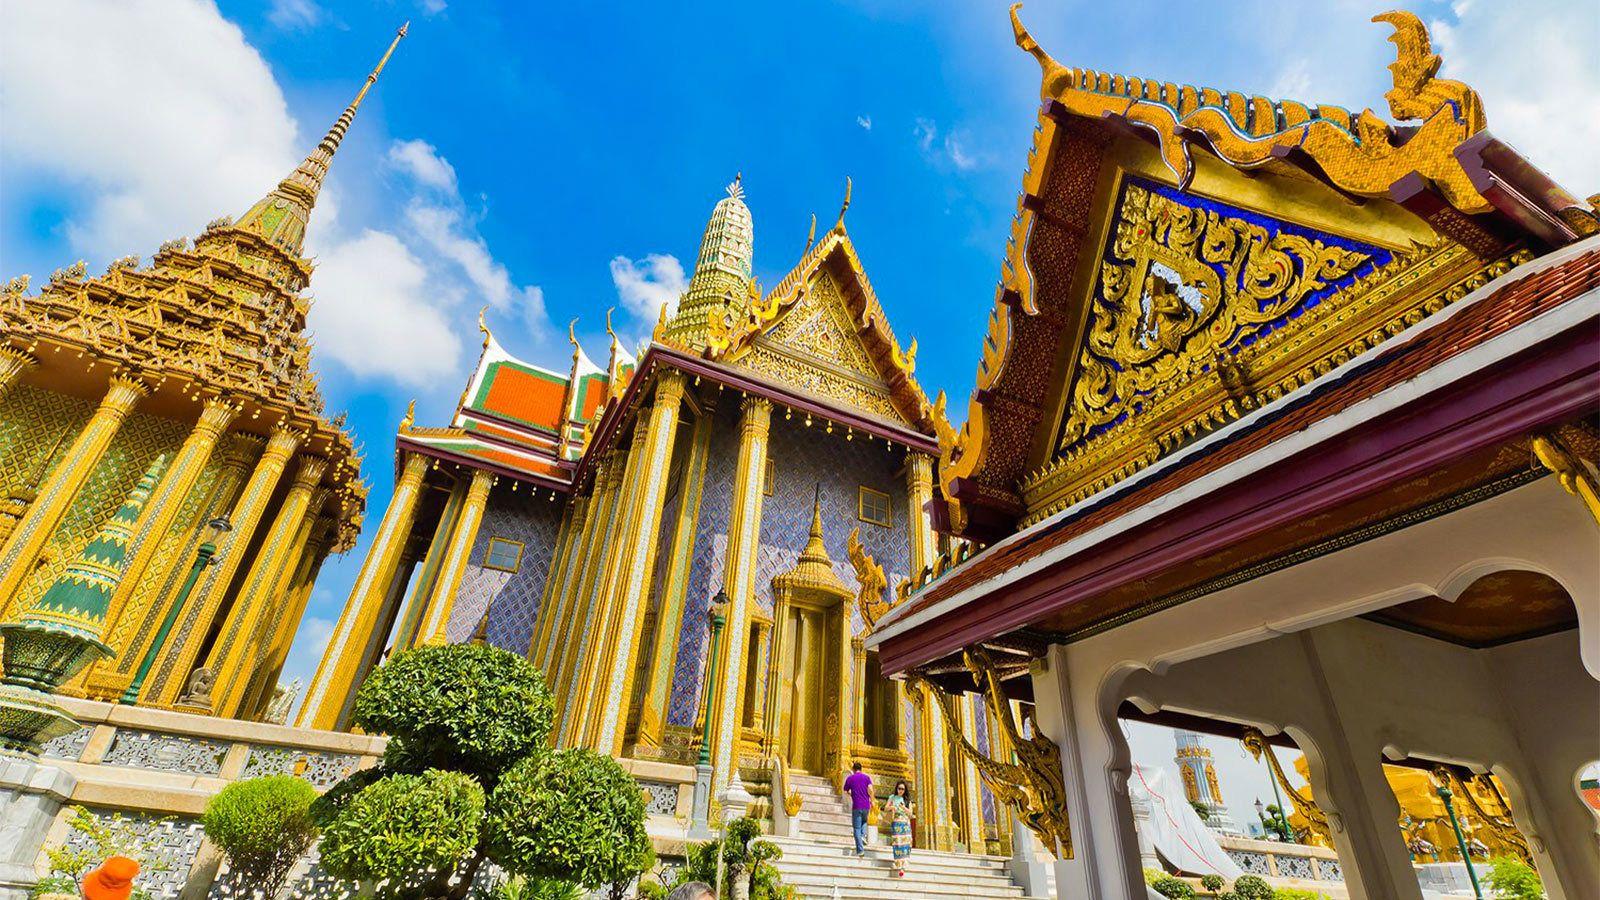 Grand Palace, Emerald Buddha & Reclining Buddha Morning Visit